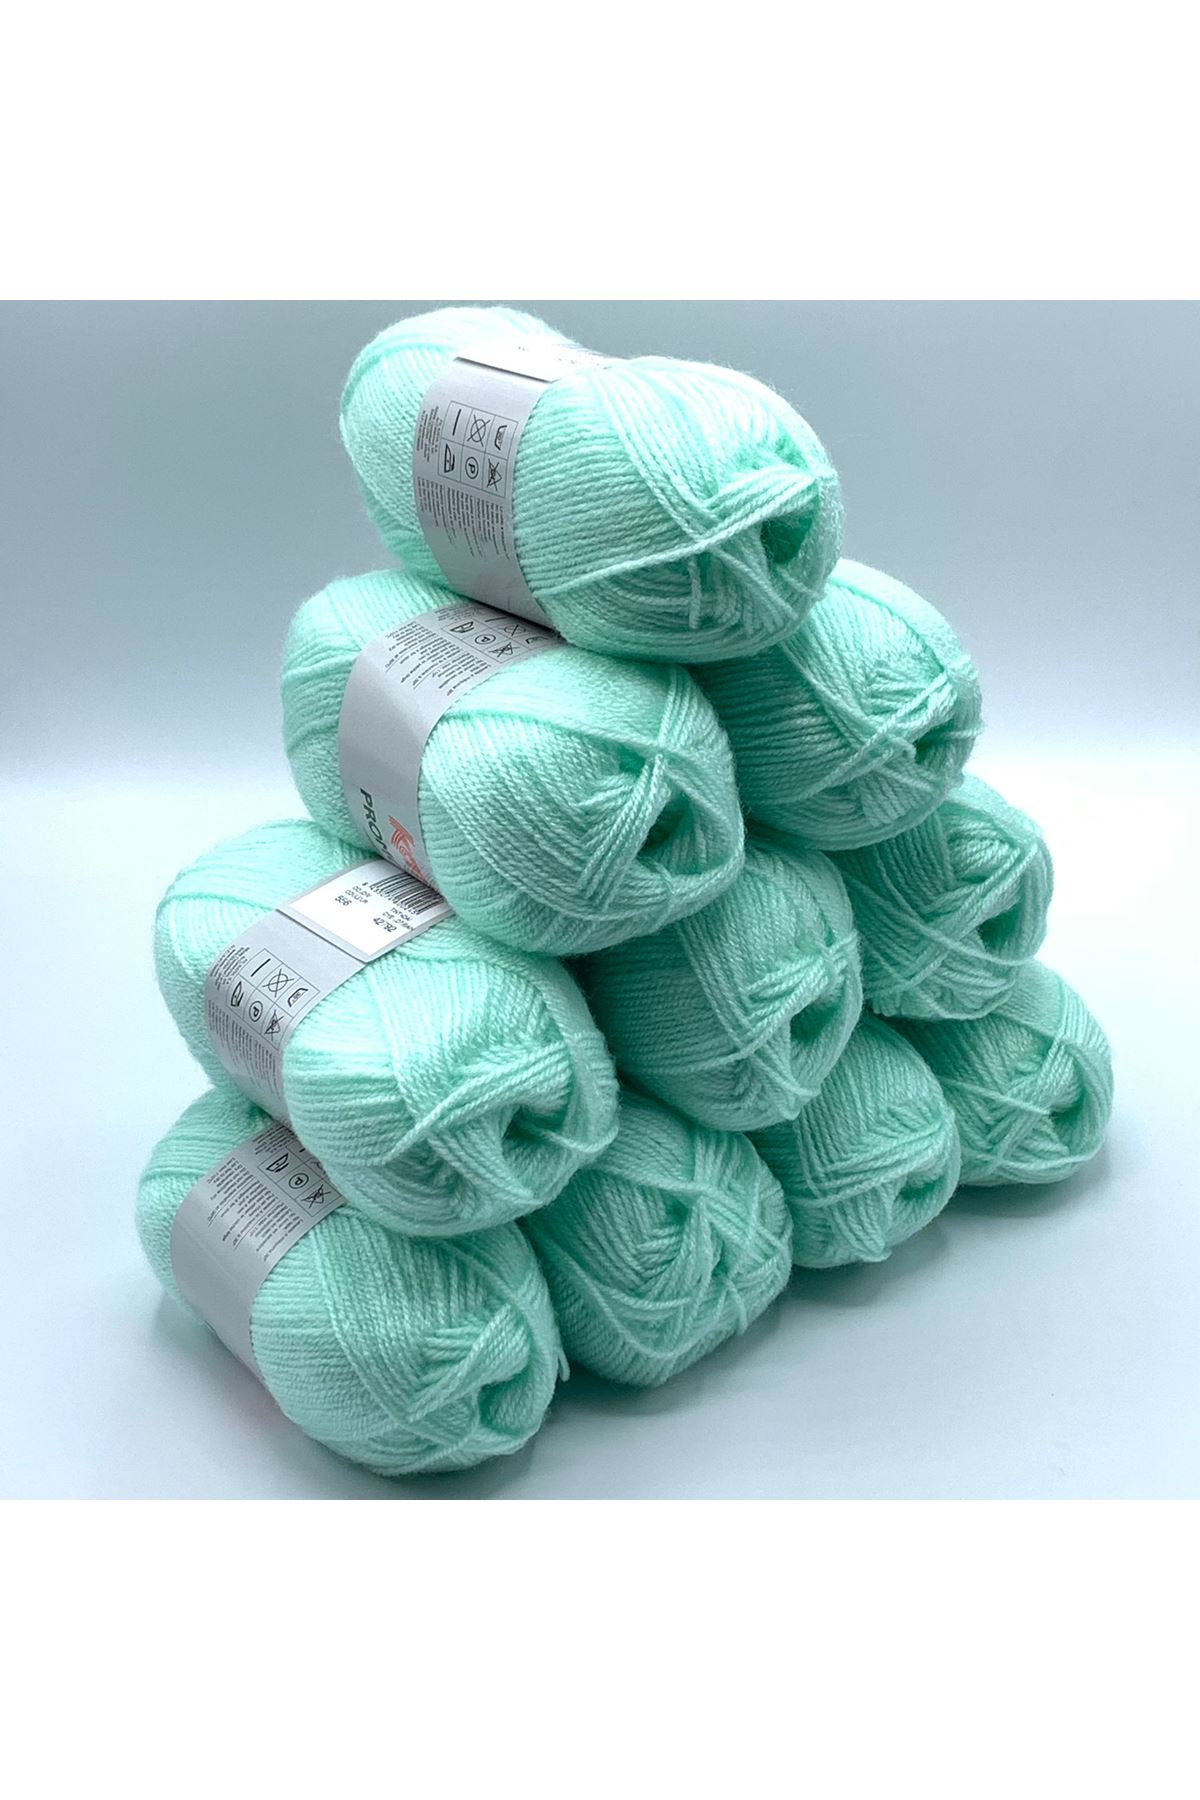 İhrac Fazlası 10'lu Paket Bebe Akrilik Yeşil 349